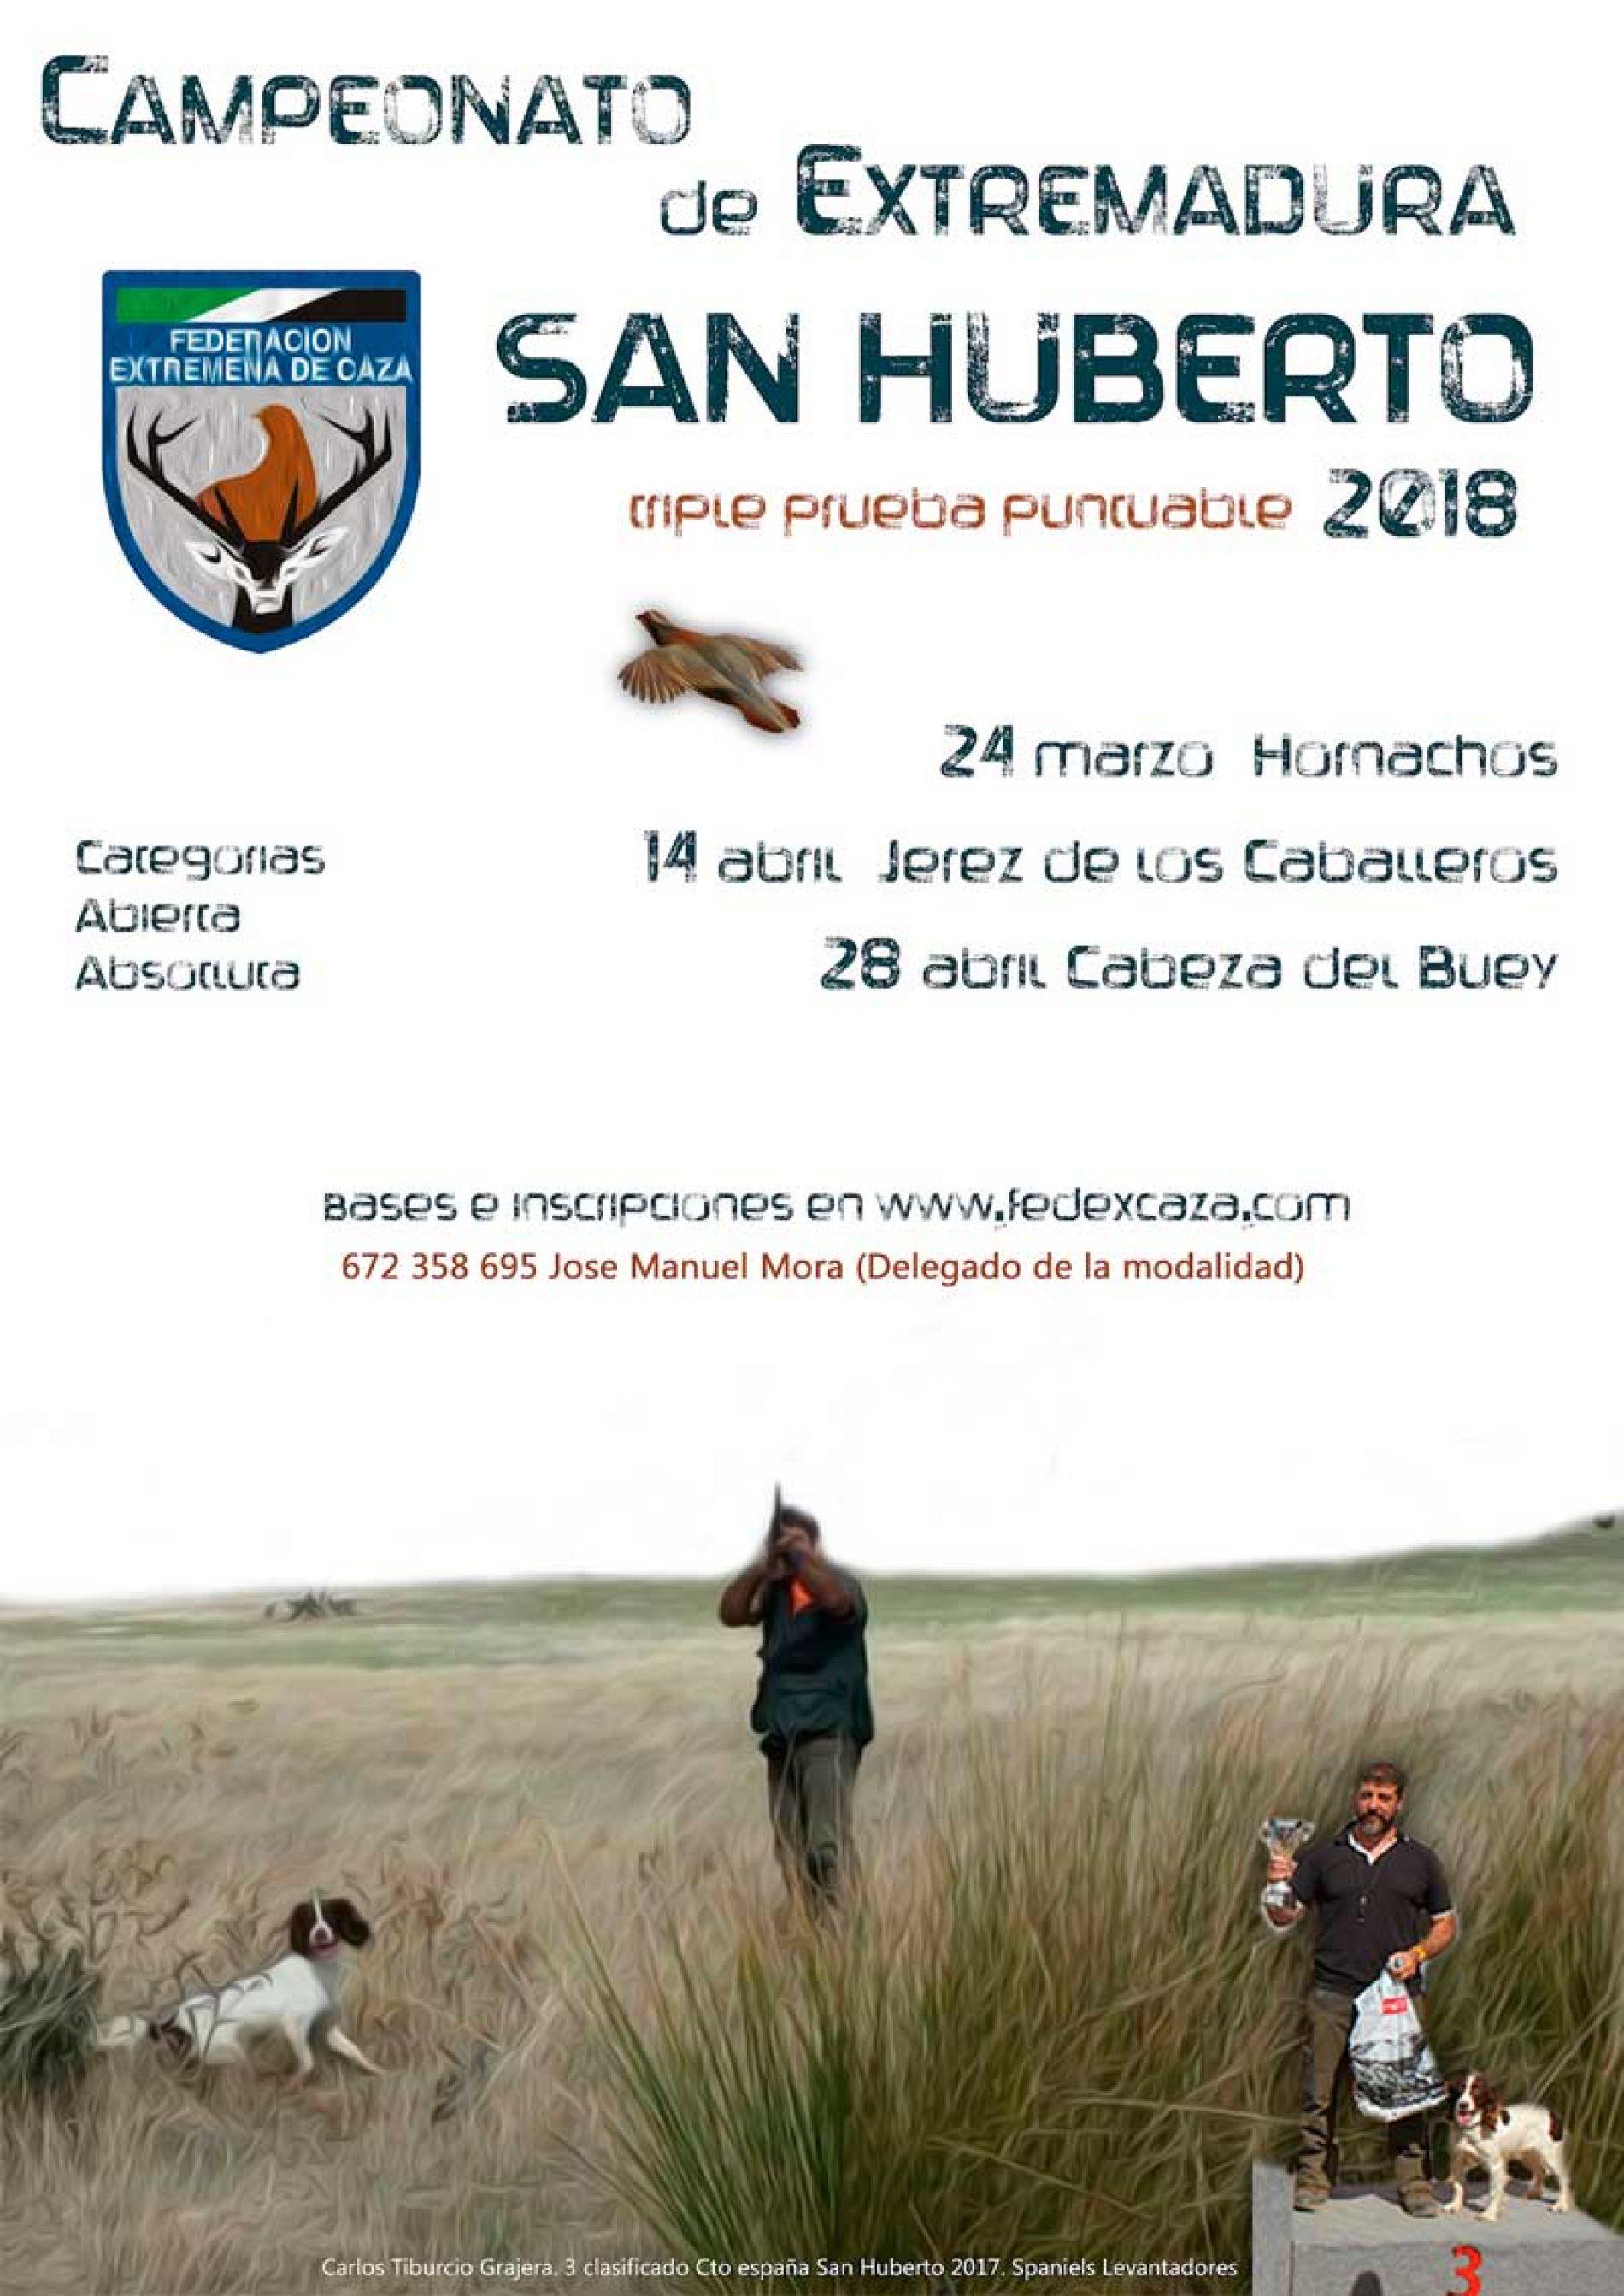 Campeonato de Extremadura de San Huberto se desarrollará en 3 fases